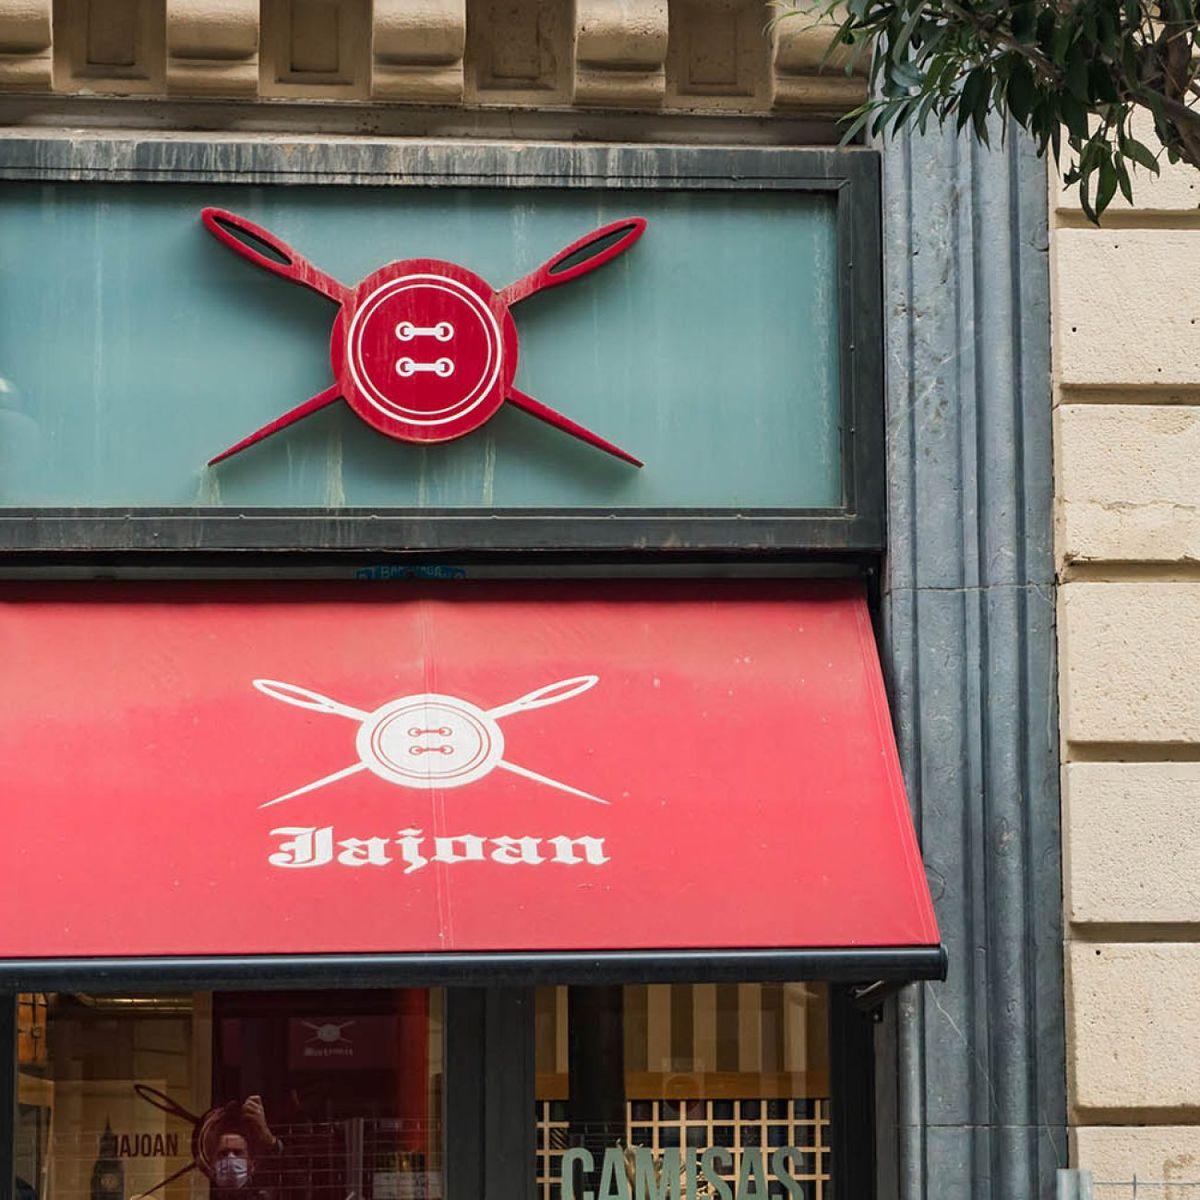 Jajoan, sastrería ubicada en Bilbao